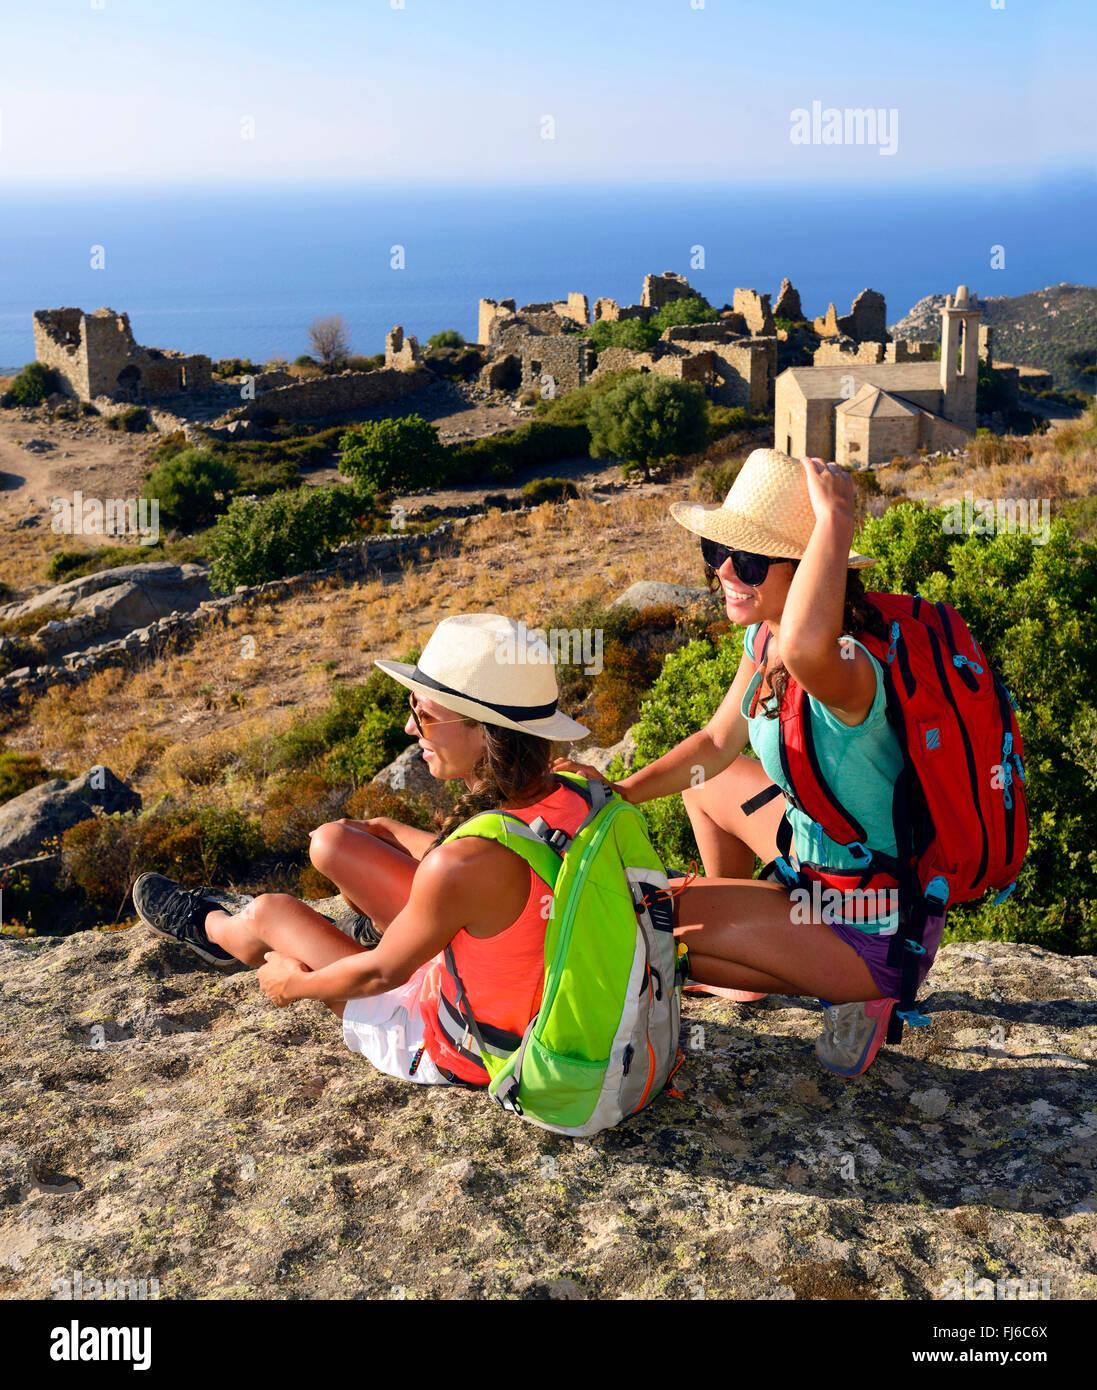 Les deux randonneurs de faire une pause, dans l'arrière-plan le village abandonné ruines de l'Occi, Photo Stock